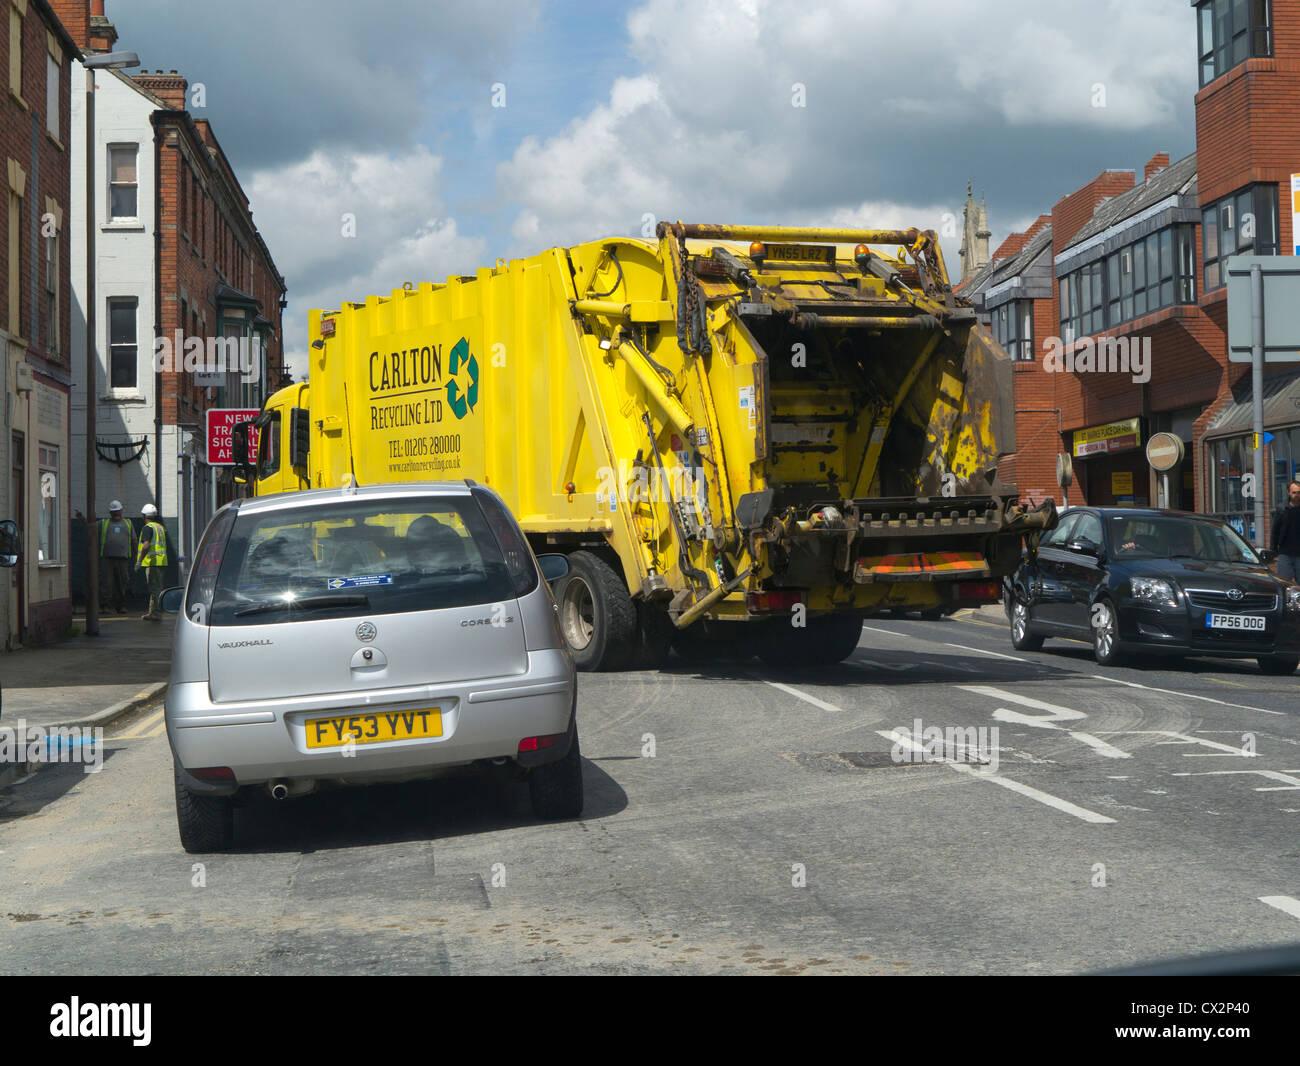 Traffic congestion, England, UK - Stock Image